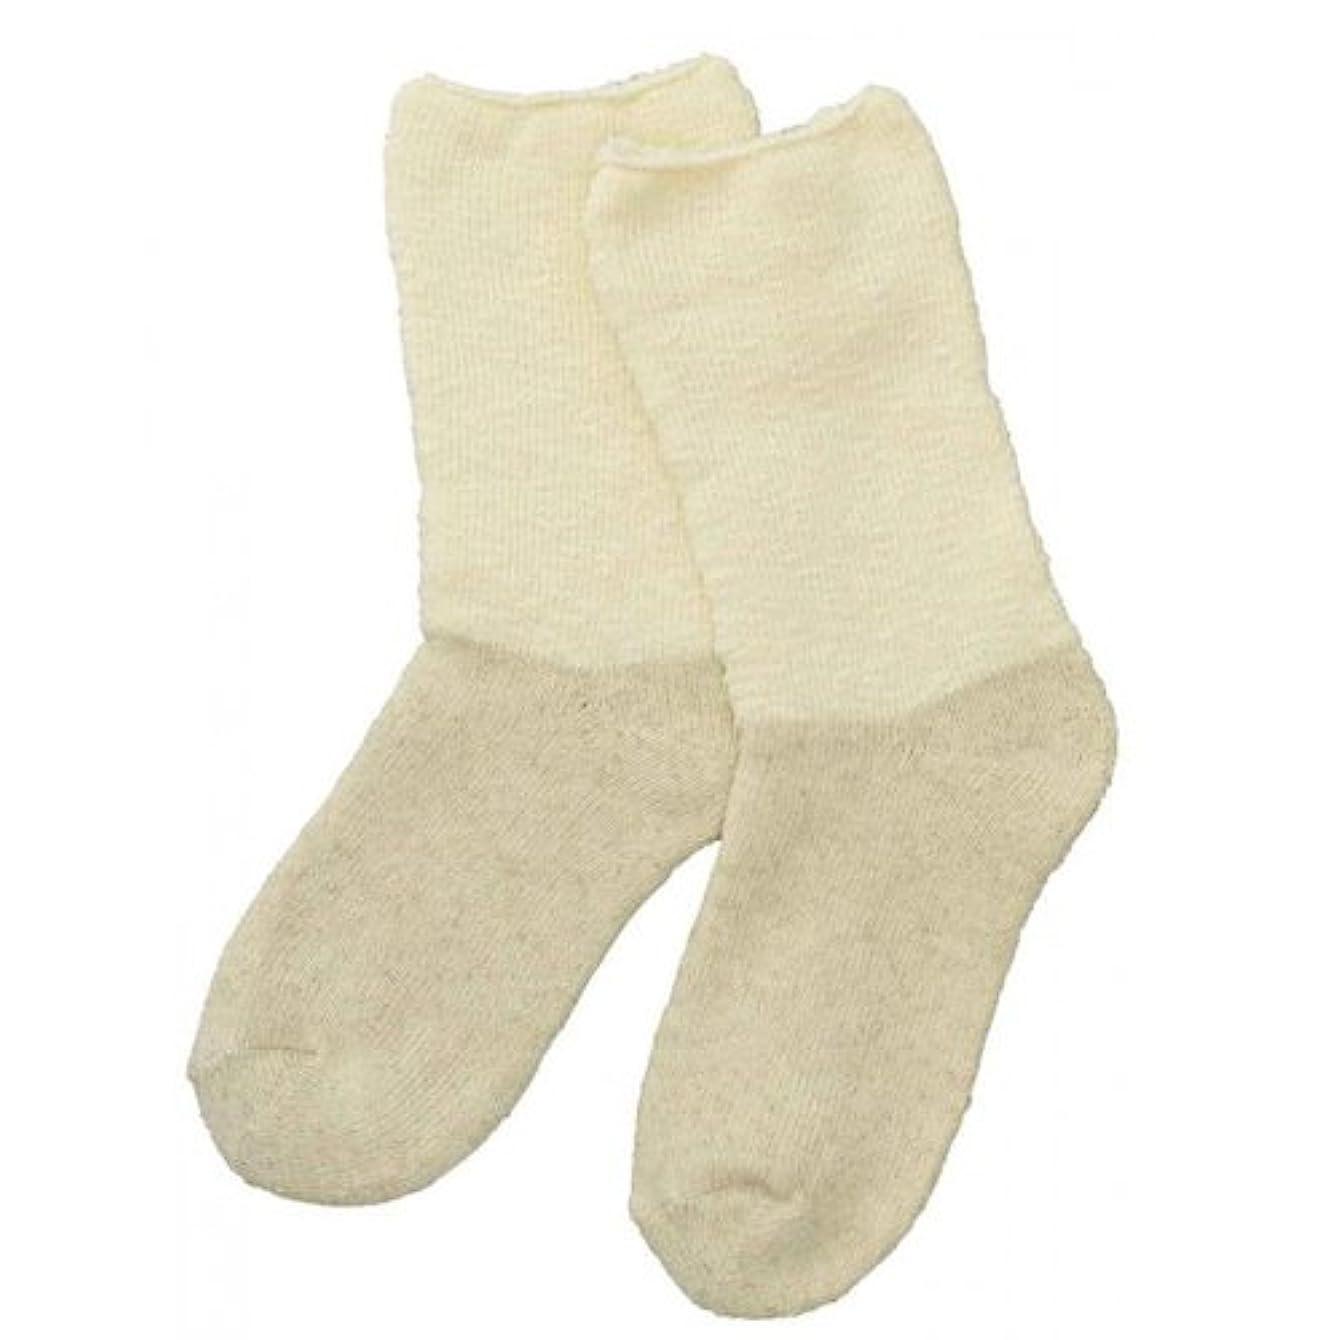 レンズ通知する草Carelance(ケアランス)お風呂上りのやさしい靴下 綿麻パイルで足先さわやか 8706CA-31 クリーム